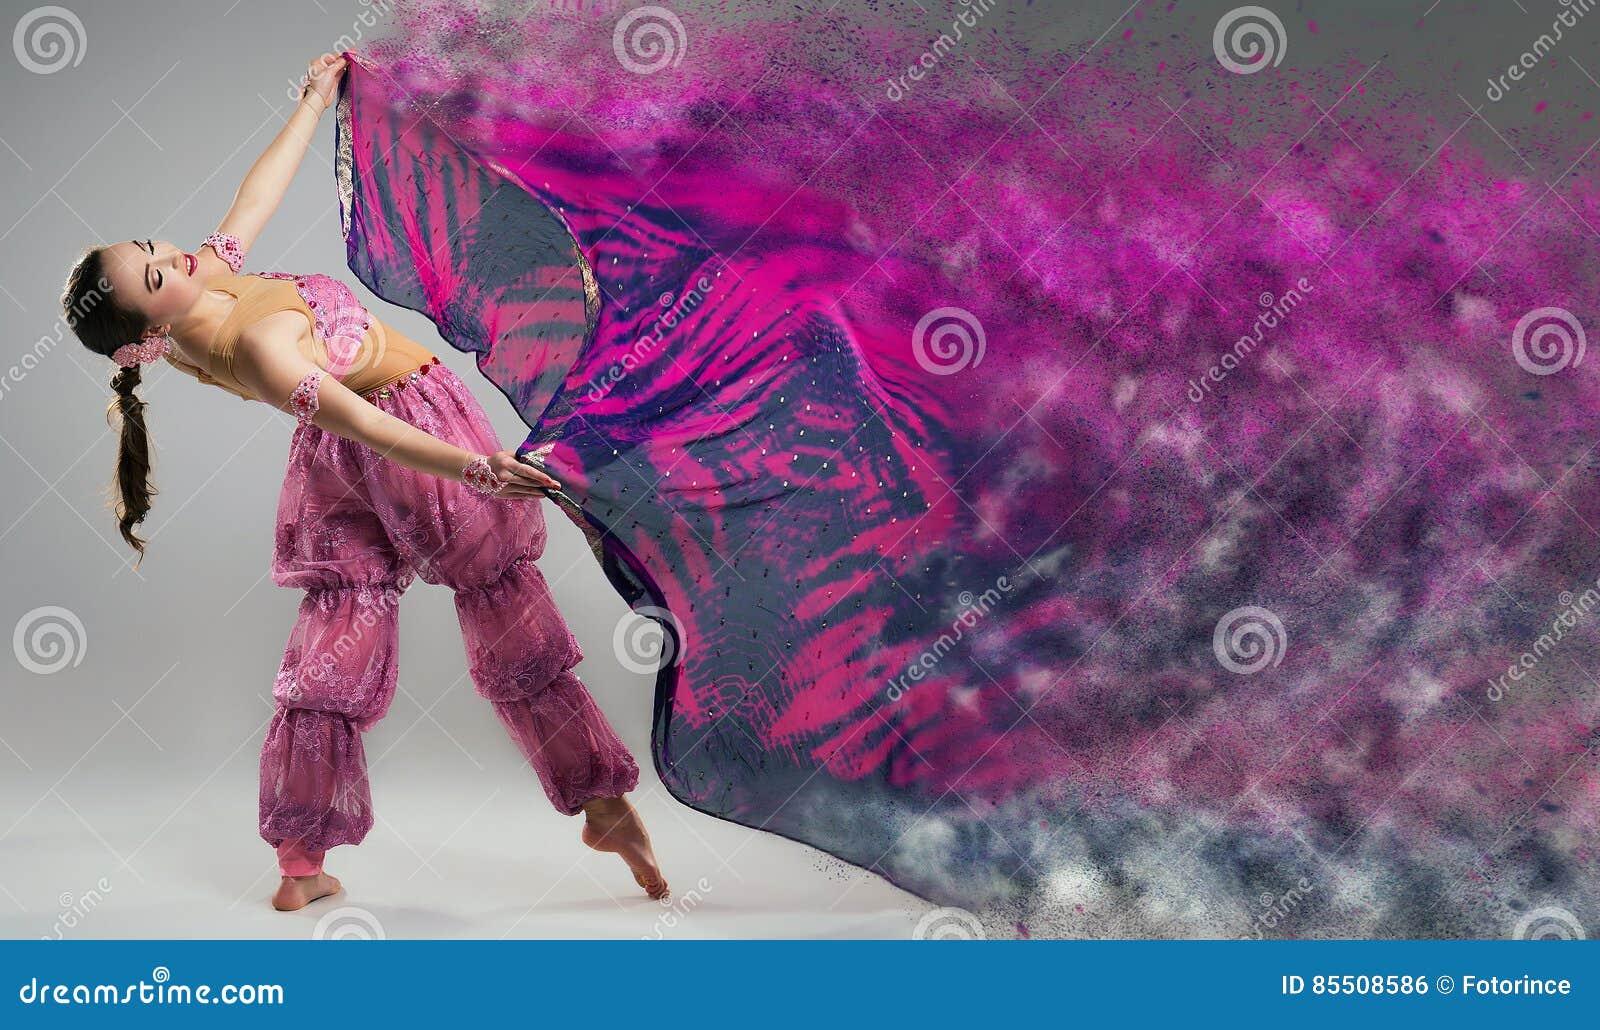 Χορευτής με το αποσυνθέτοντας μαντίλι